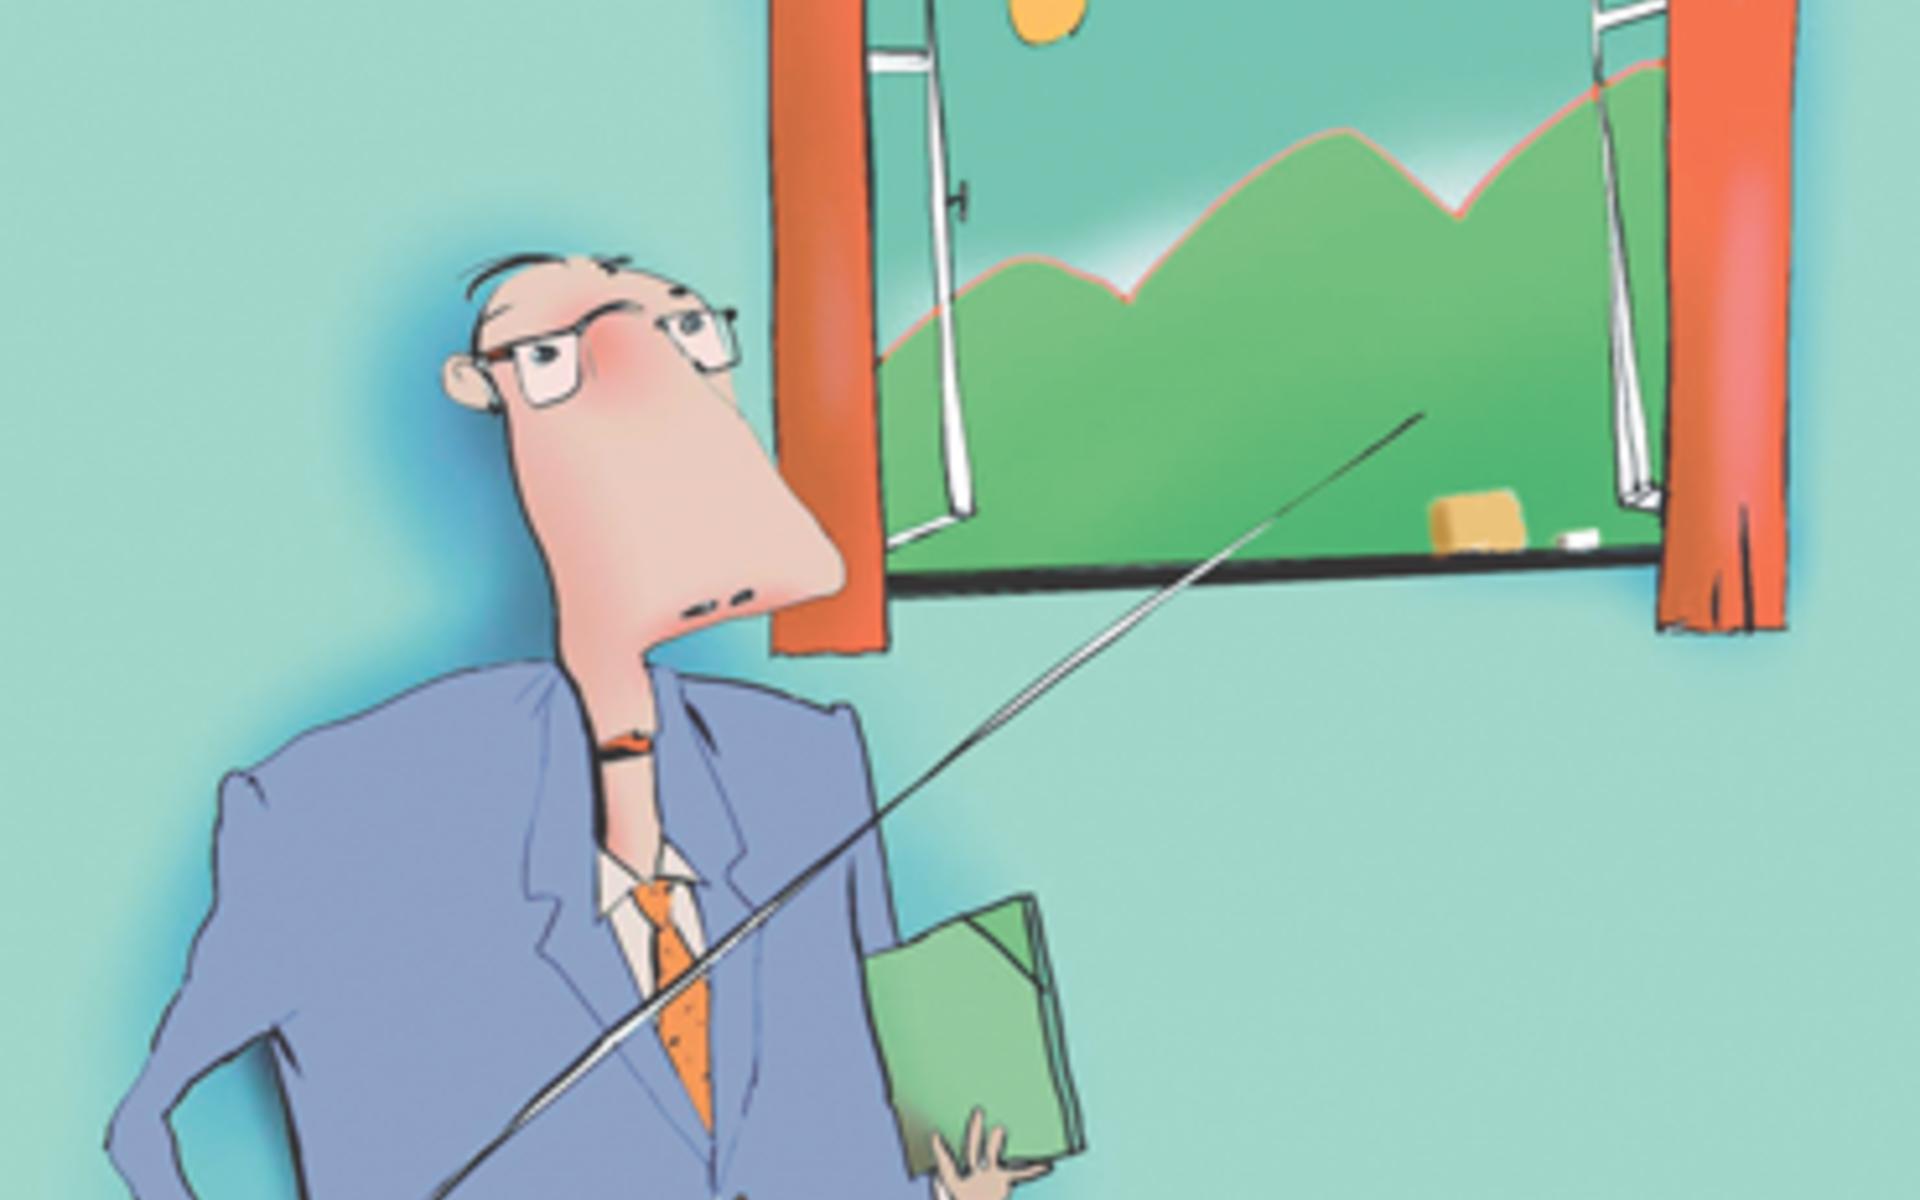 Зачем нужен профессиональный стандарт учителя  Зачем нужен профессиональный стандарт учителя Околоправительственный доклад